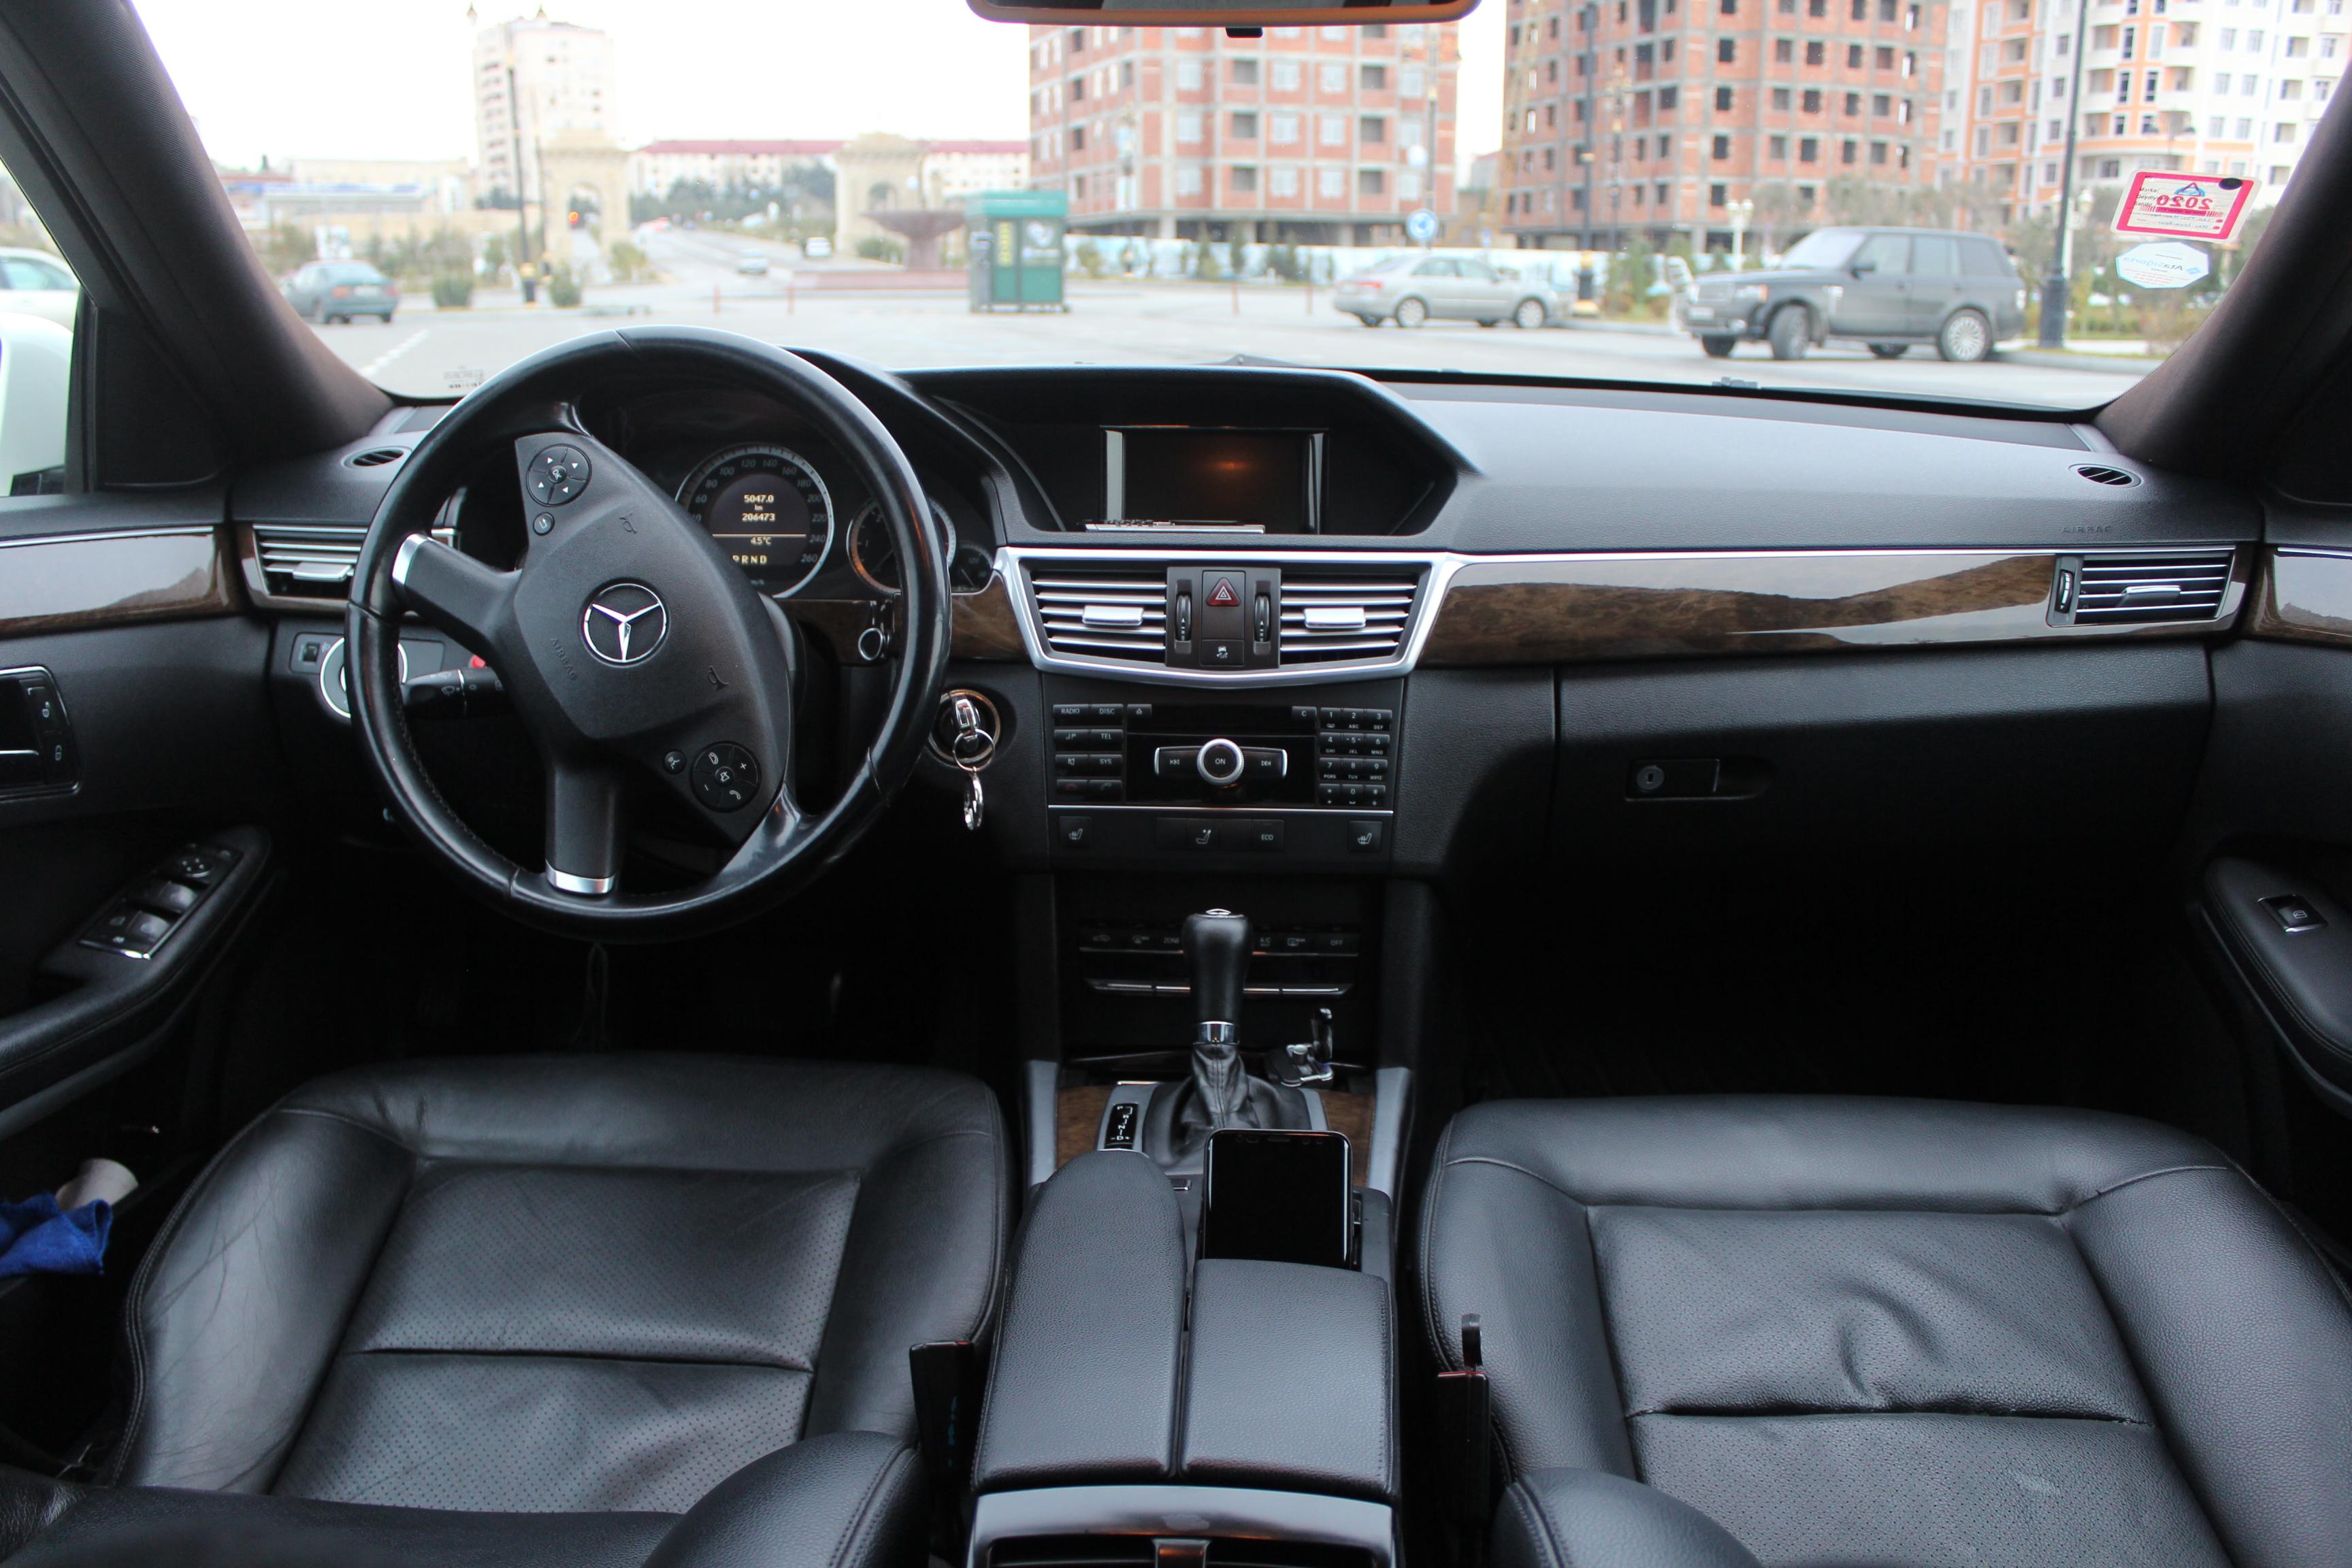 Mercedes-Benz E 220 2.2(lt) 2009 Second hand  $18000